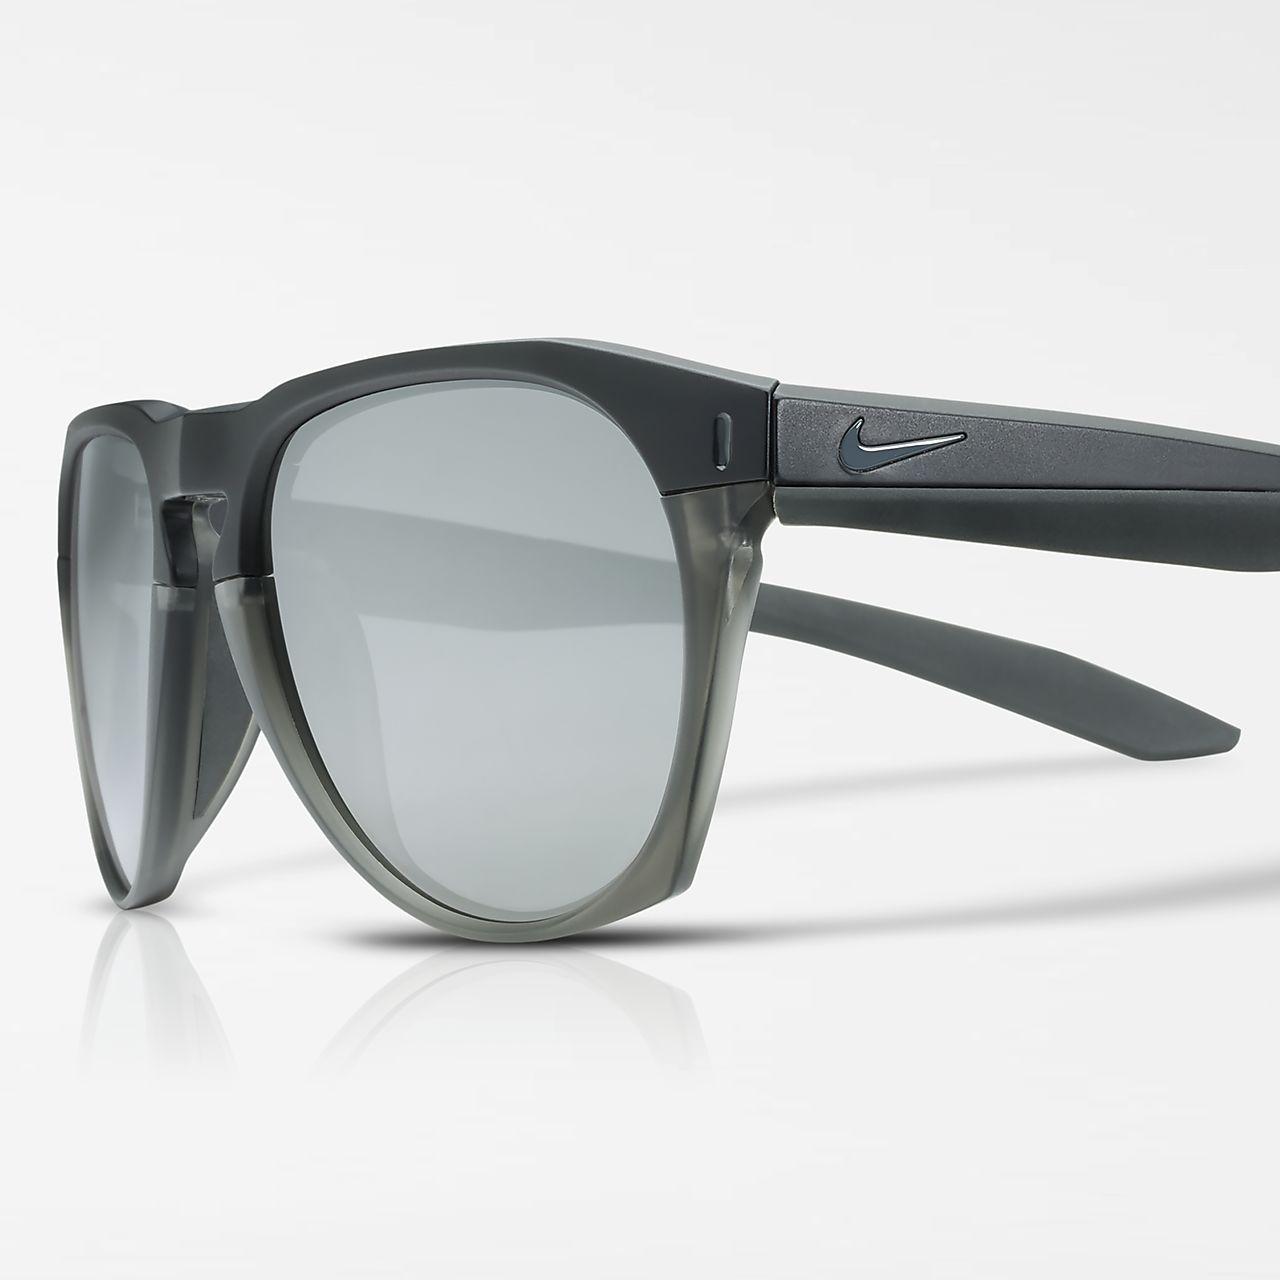 05855d5d56 Nike Essential Navigator Sunglasses. Nike.com NL